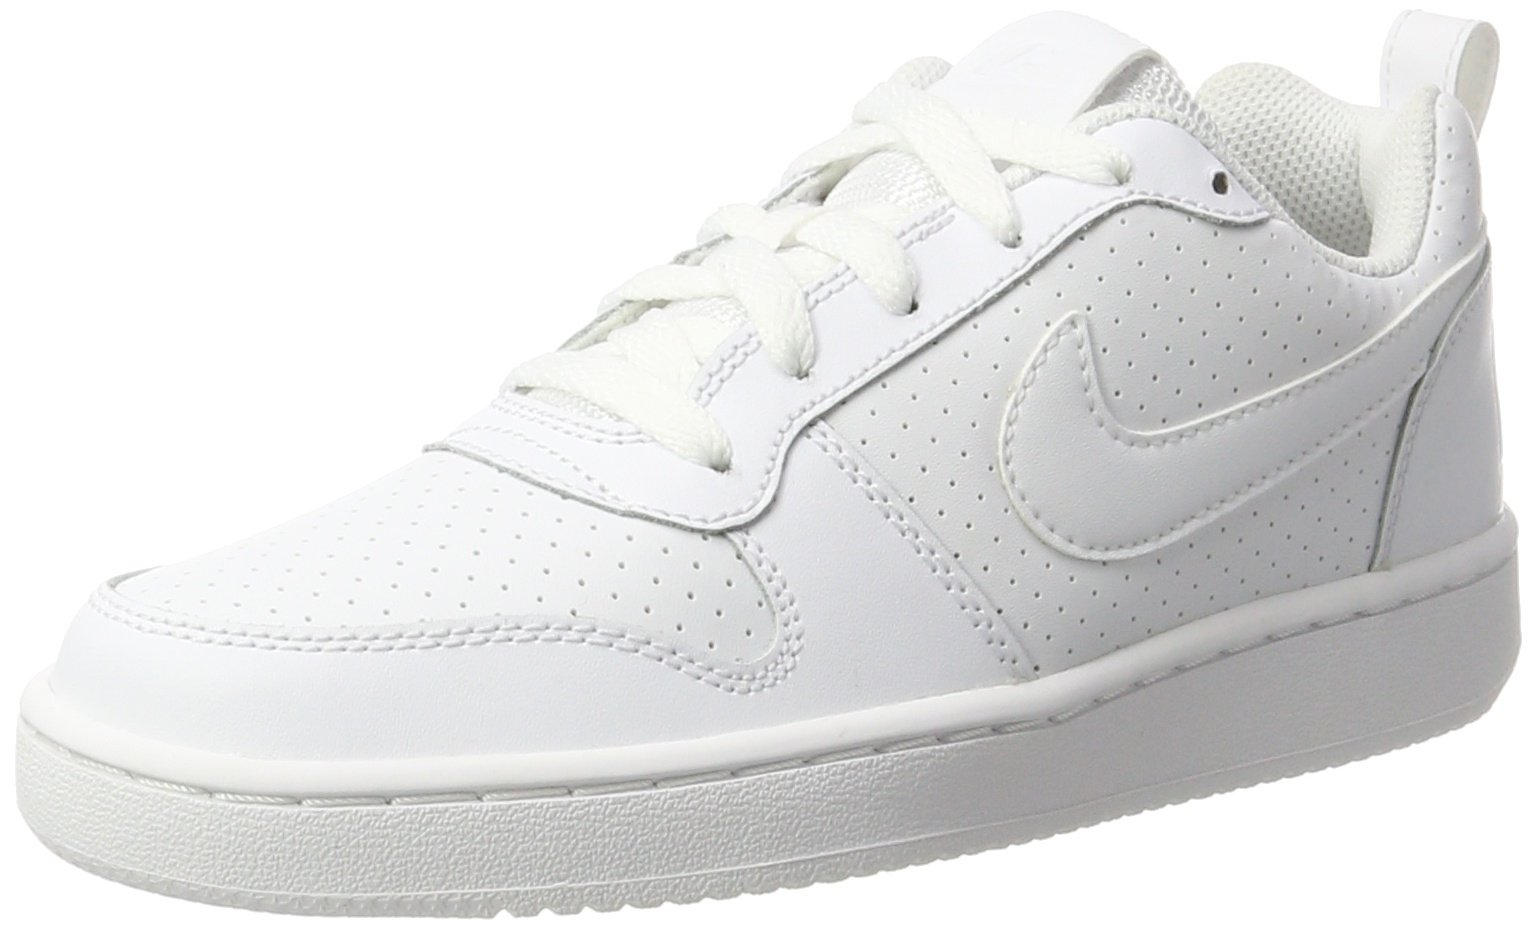 NIKE Women's Court Borough Low Sneaker, White/White/White, 8 B(M) US